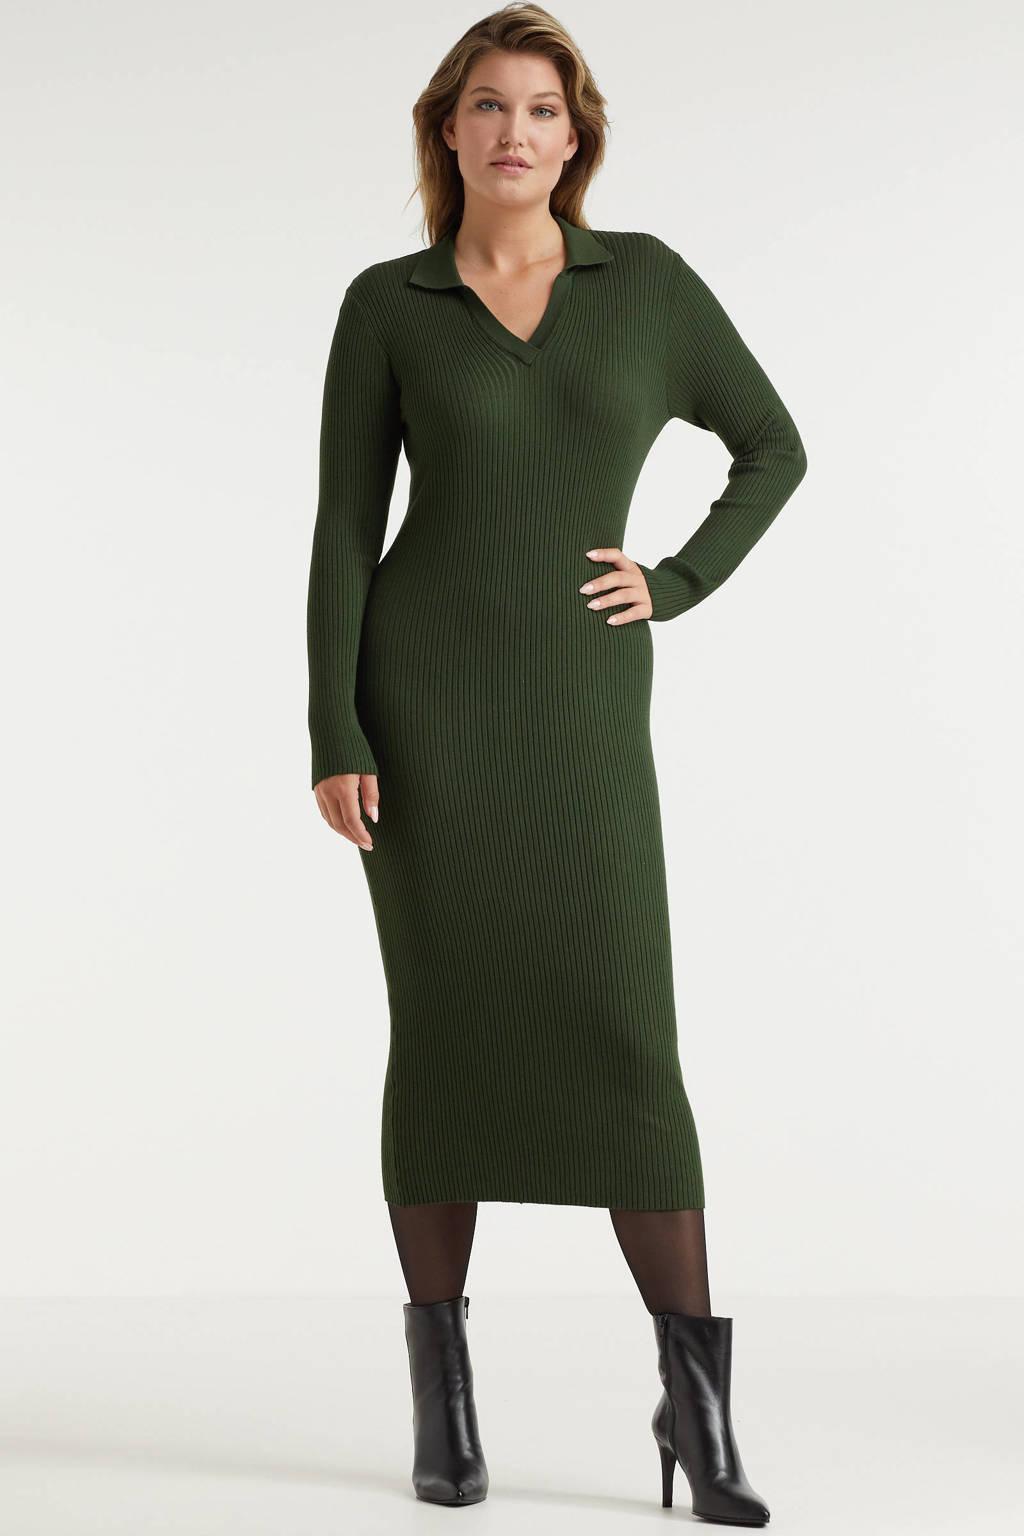 Miljuschka by Wehkamp gebreide jurk met kraag groen, Groen